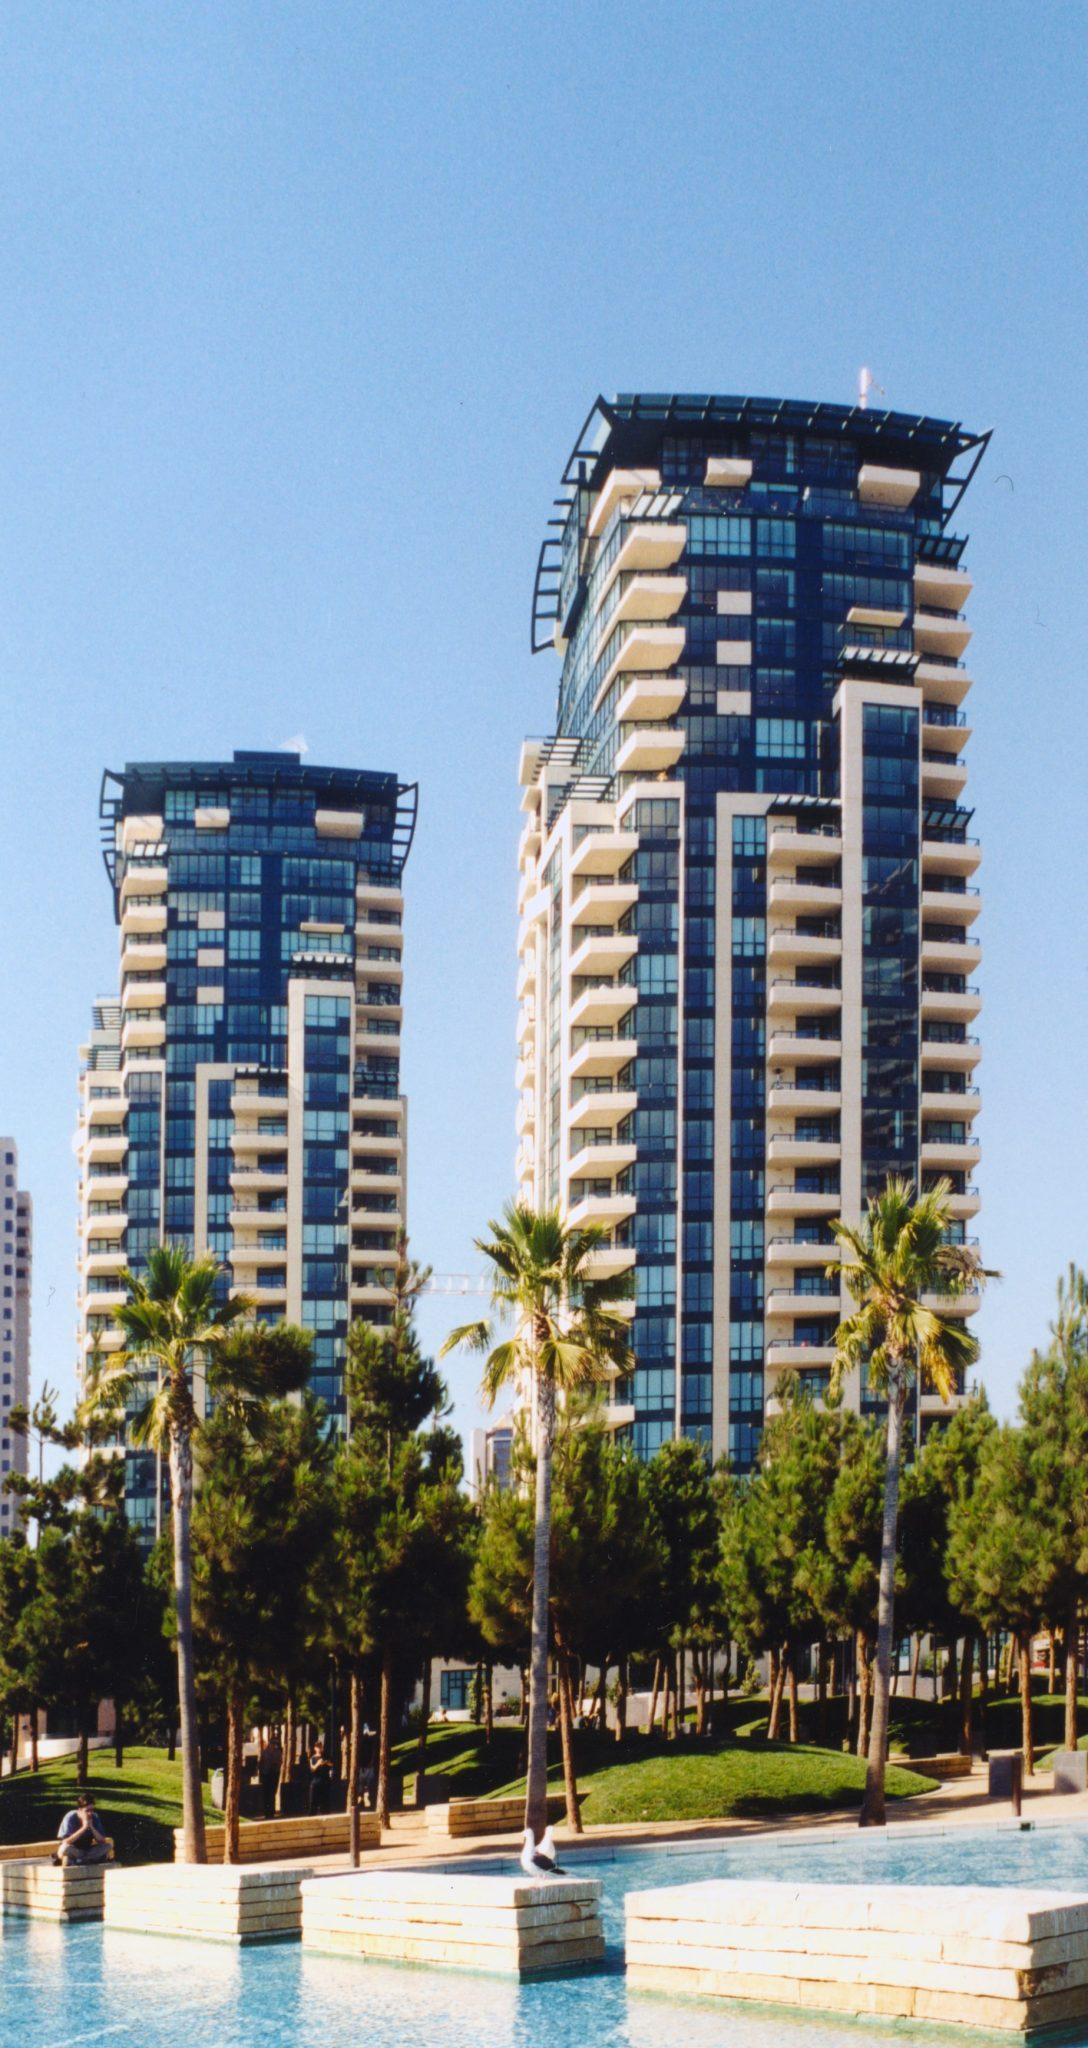 حسین امانت برجهای هورایزن در کالیفرنیا